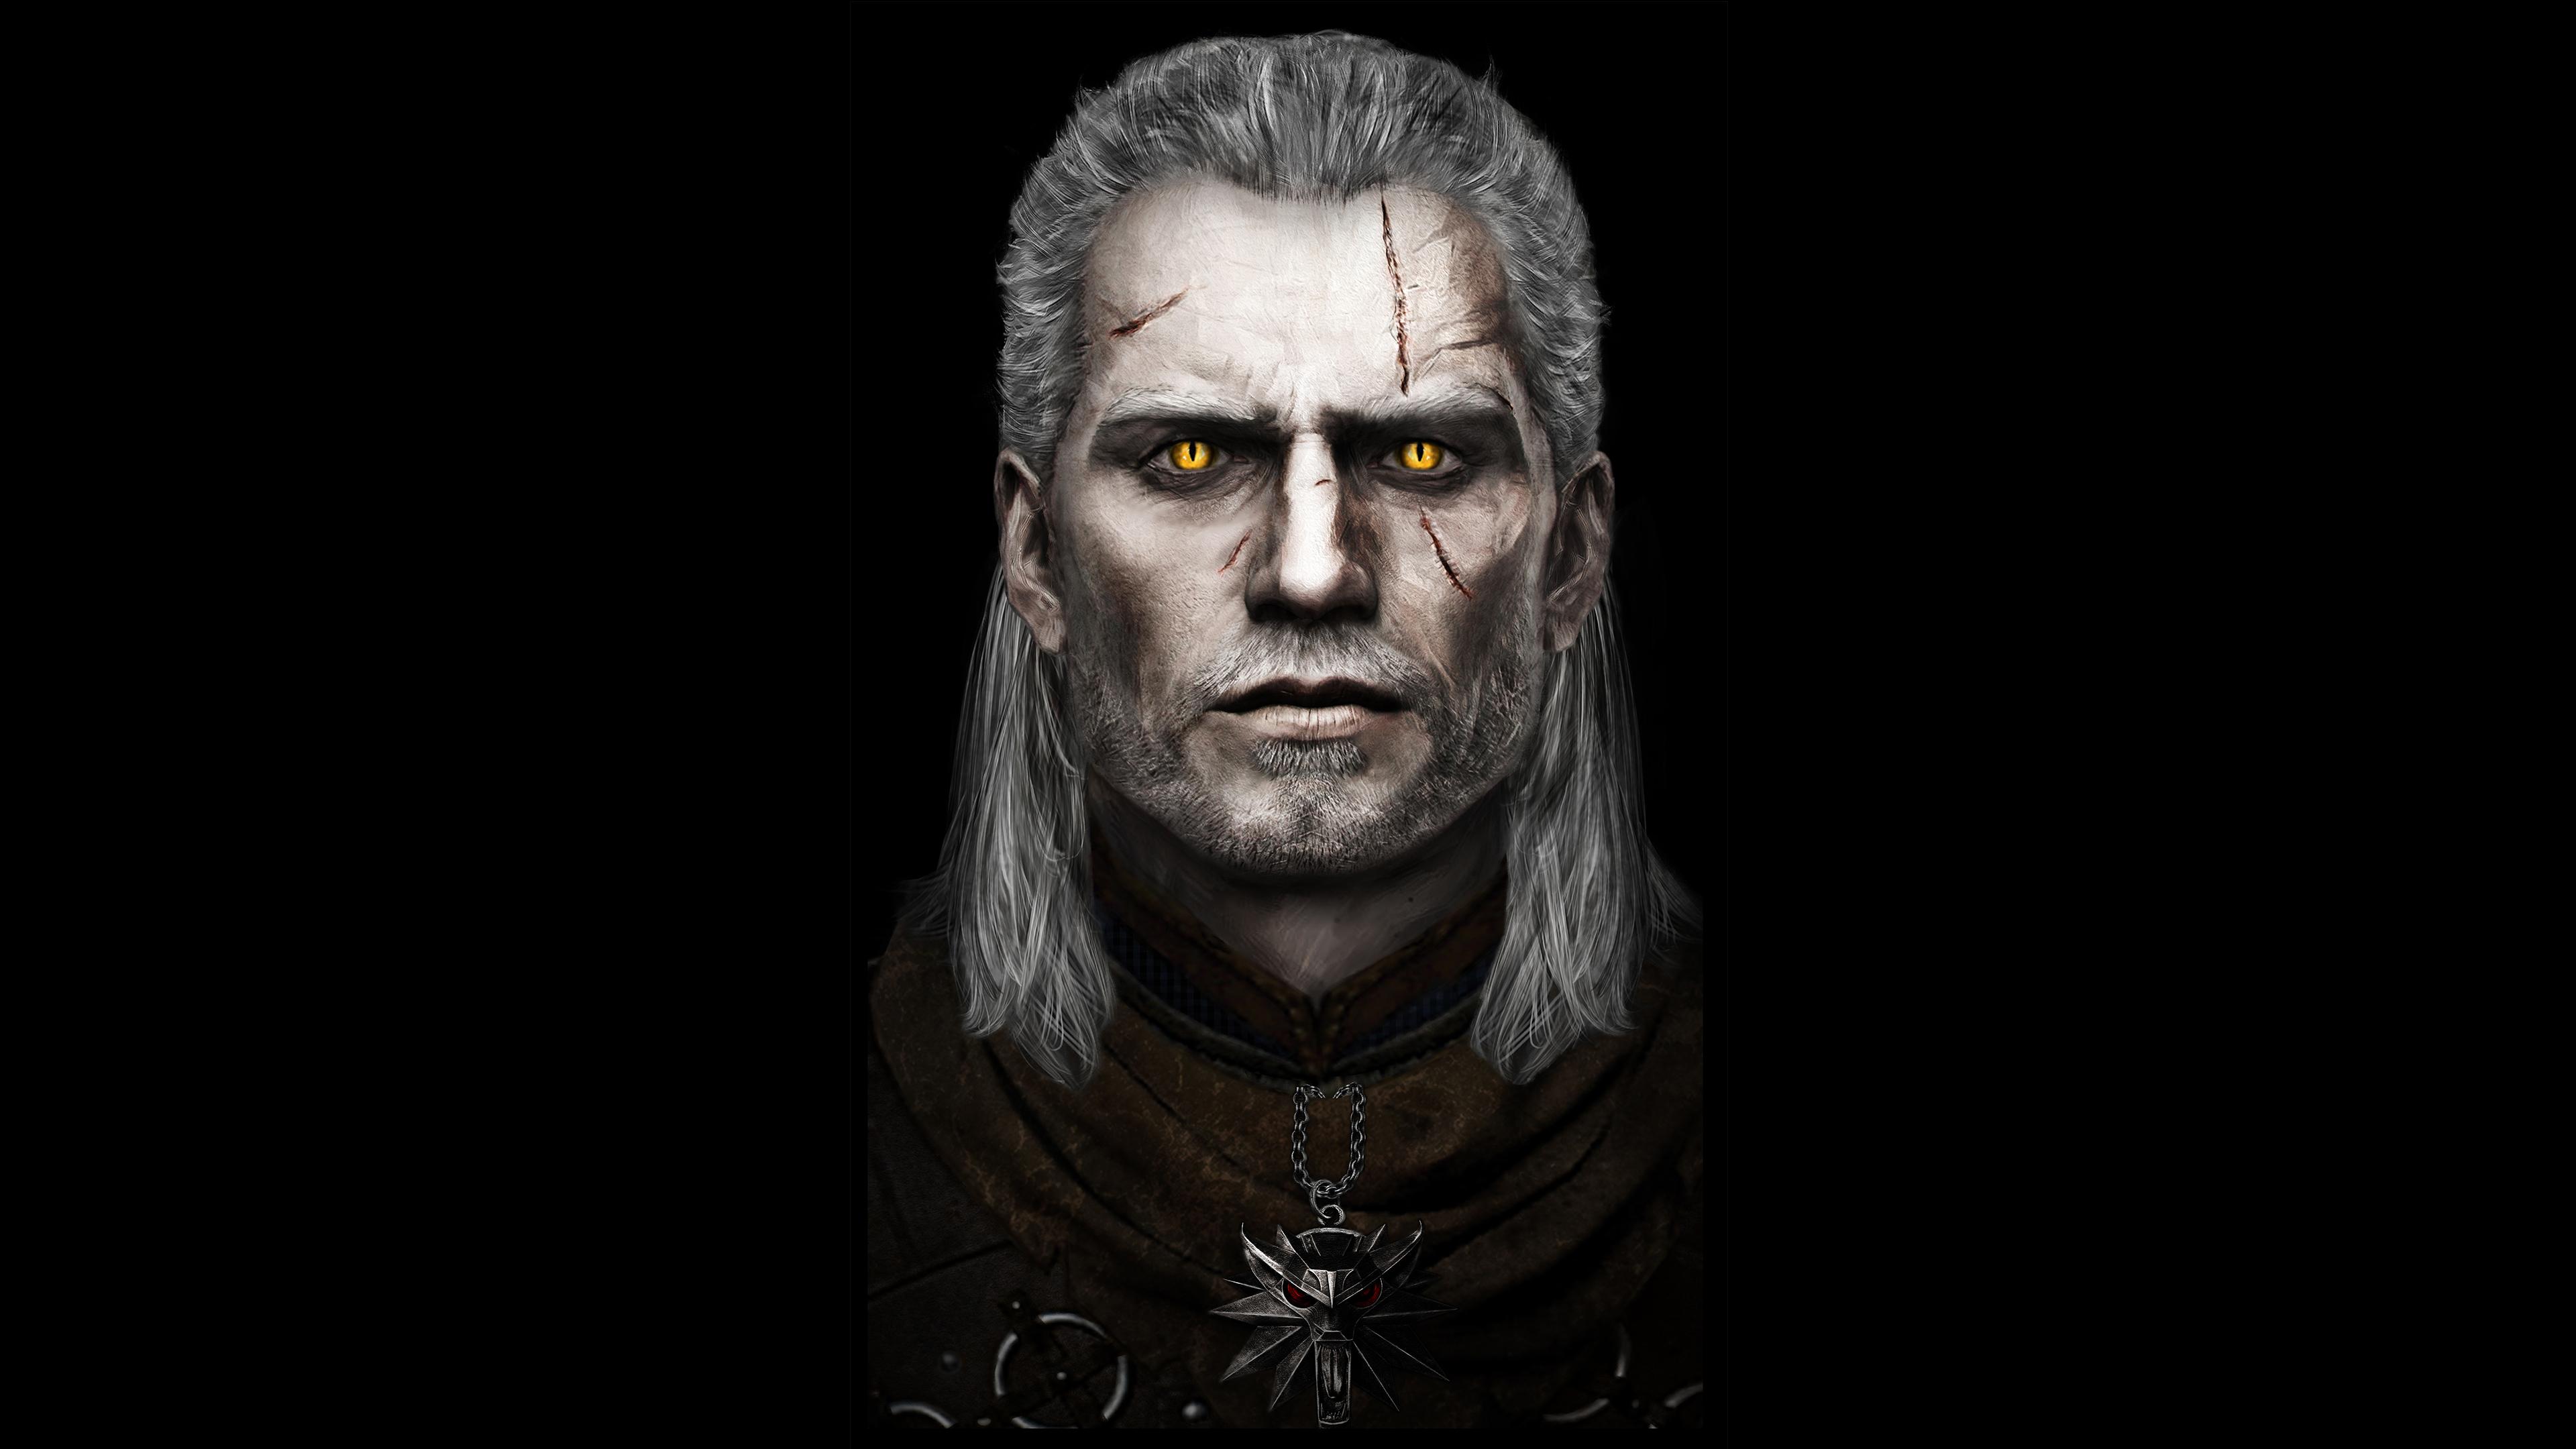 1366x768 Henry Cavill As Geralt Of Rivia 4k 1366x768